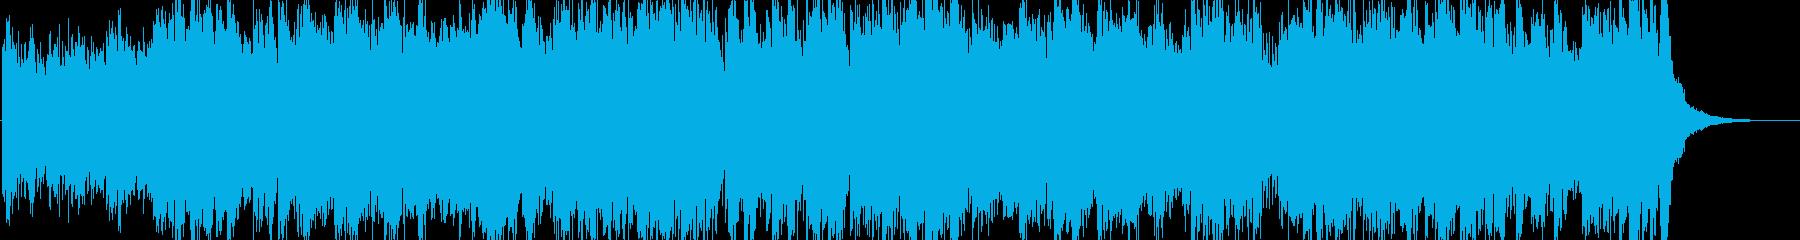 オープニング等にあう元気なチェンバロ曲の再生済みの波形